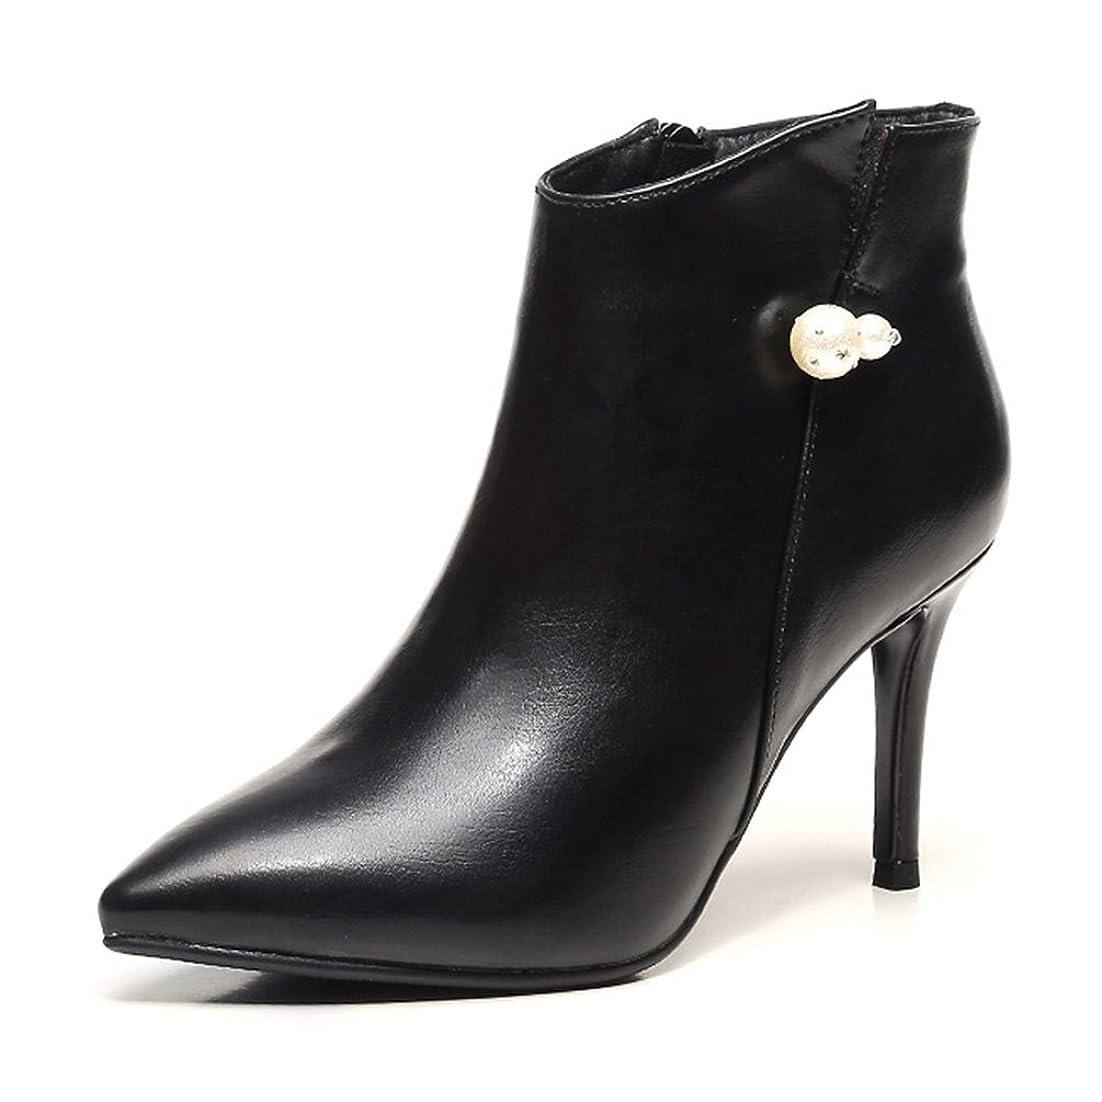 とにかく輝く定期的にショートブーツ ビジュー付き レデイース 短靴 可愛い 秋靴 ハイヒール セクシー ローカット ピンヒール 美脚 ポインテッドトゥ レッド 黒 おしゃれ カジュアル 婦人靴 通勤 サイドジップ ママの靴 オフィスシューズ